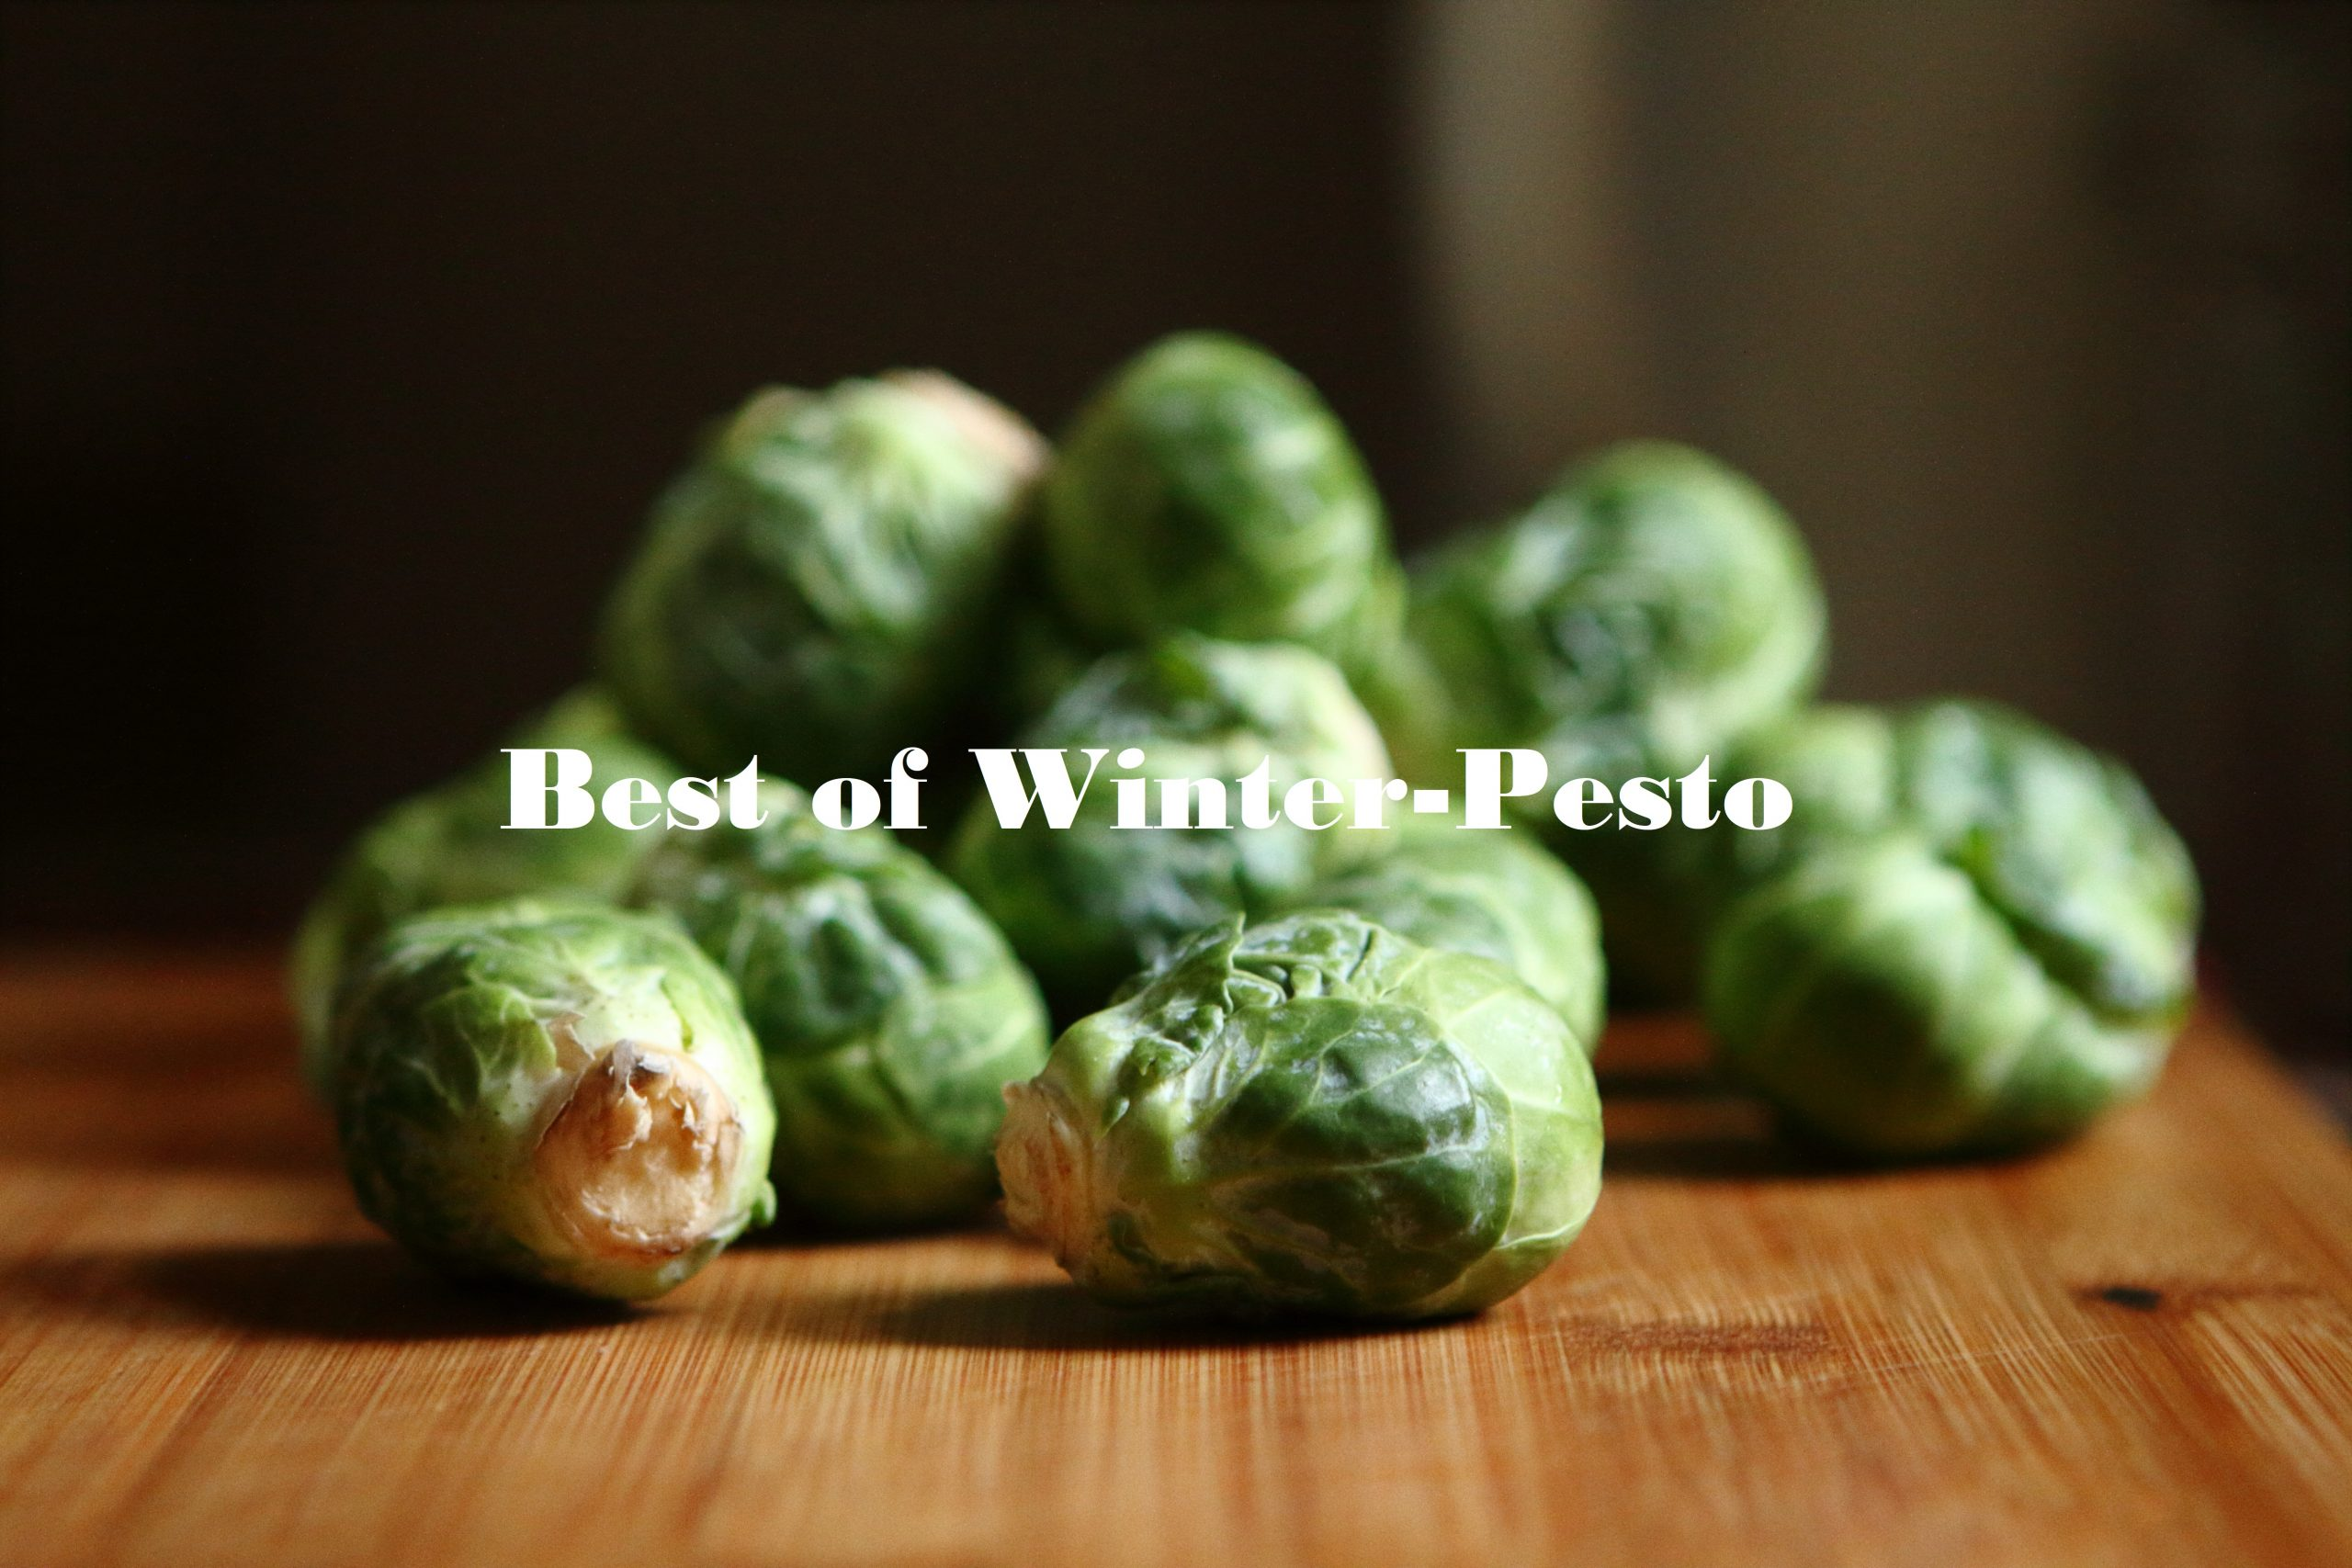 Best of Winter-Pesto | Unsere persönliche TOP 5